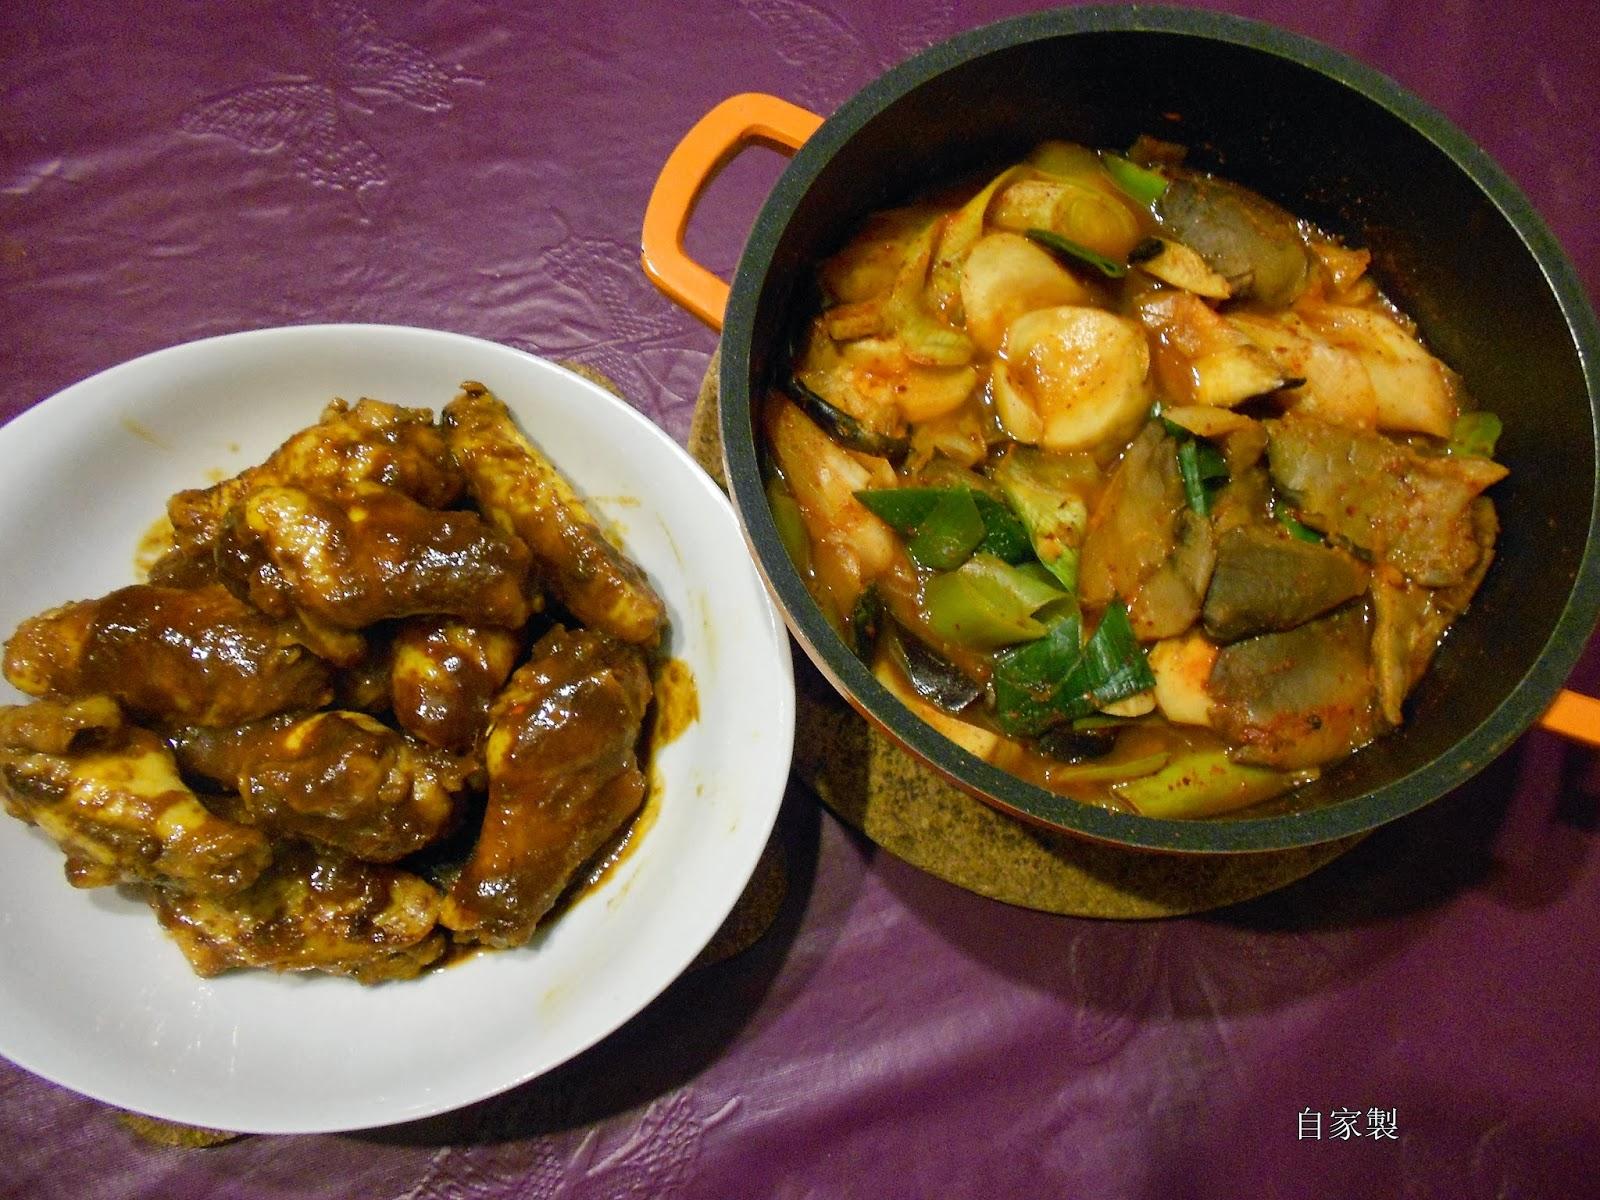 自家製: 蕃茄味噌雞翼,韓式雜菌煱